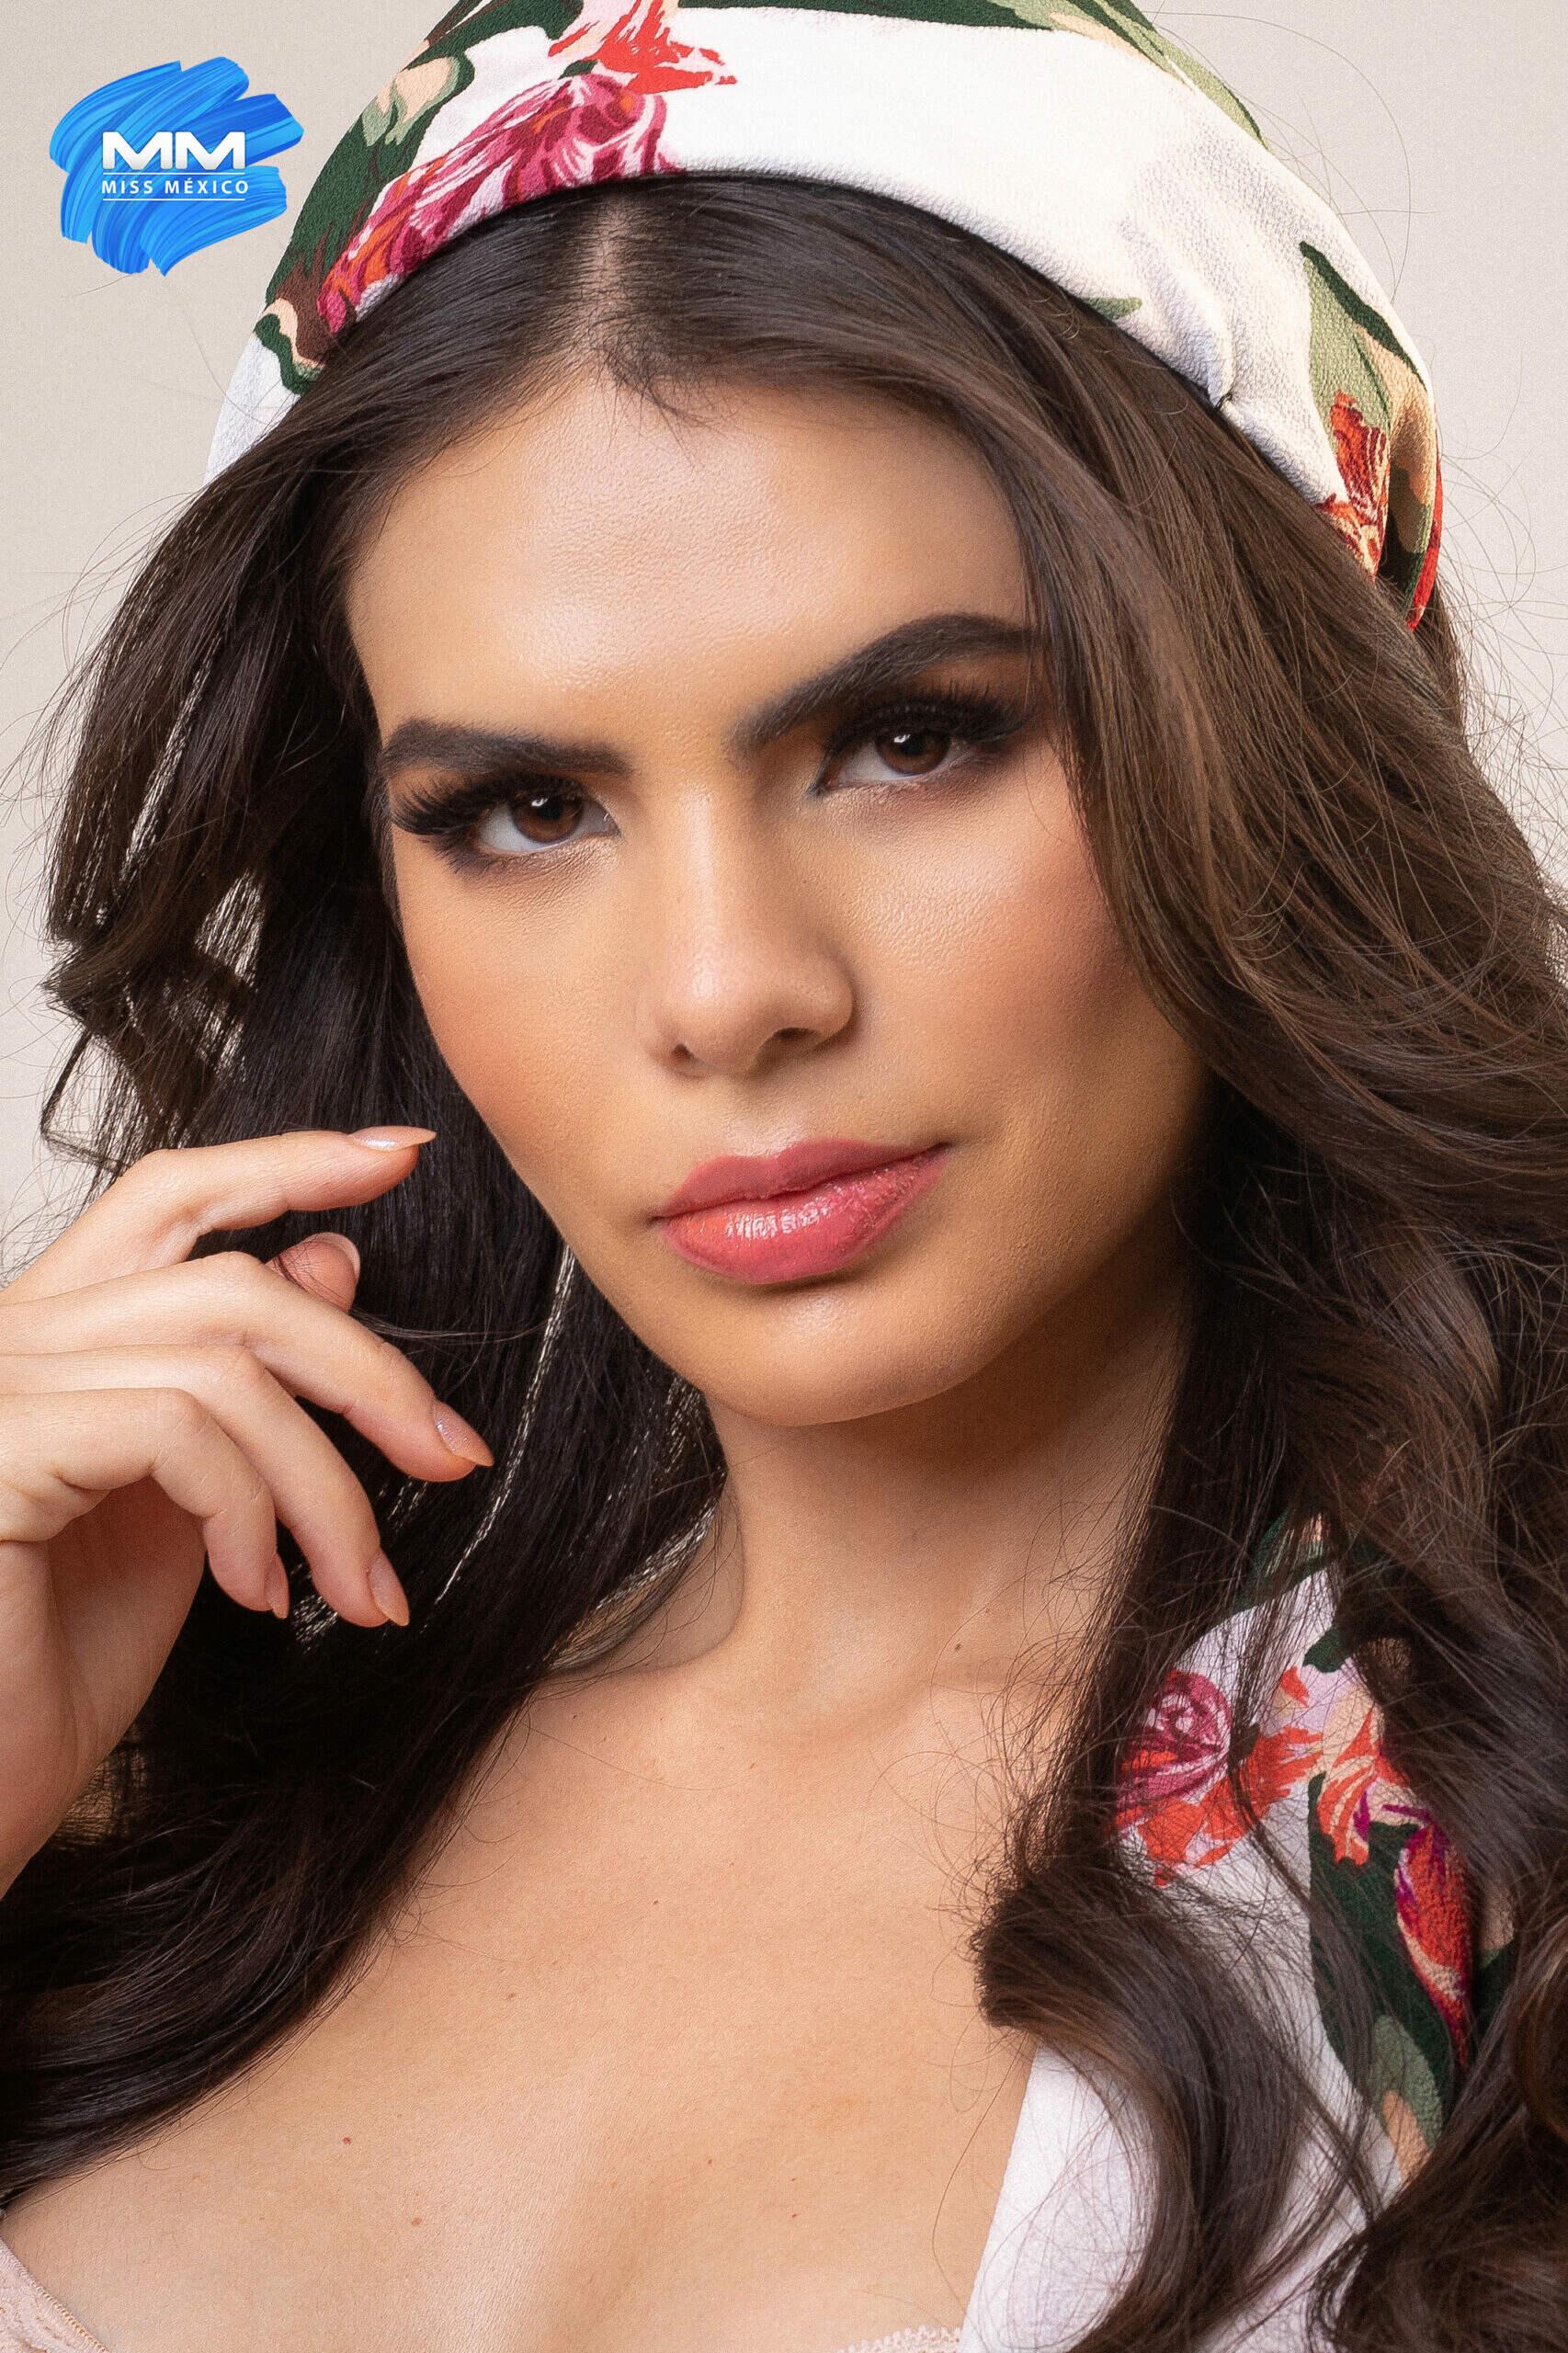 mariana macias, miss grand mexico 2021. Jalisc10